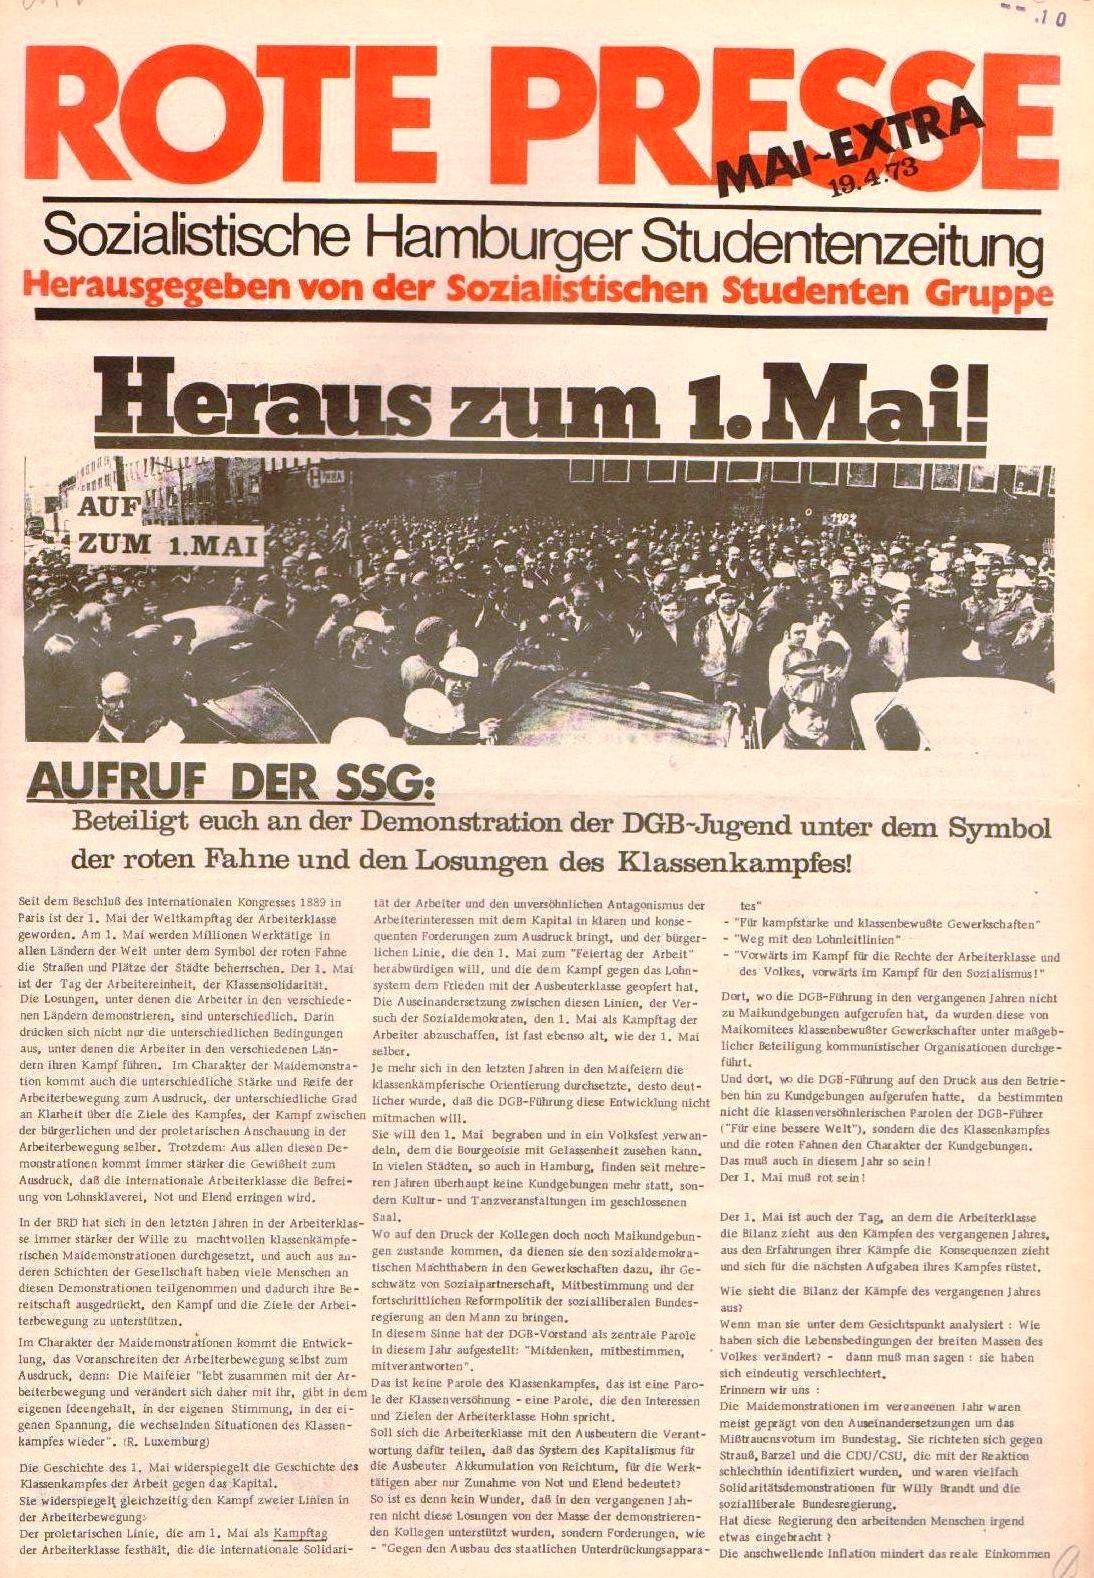 Hamburg_Rote_Presse185